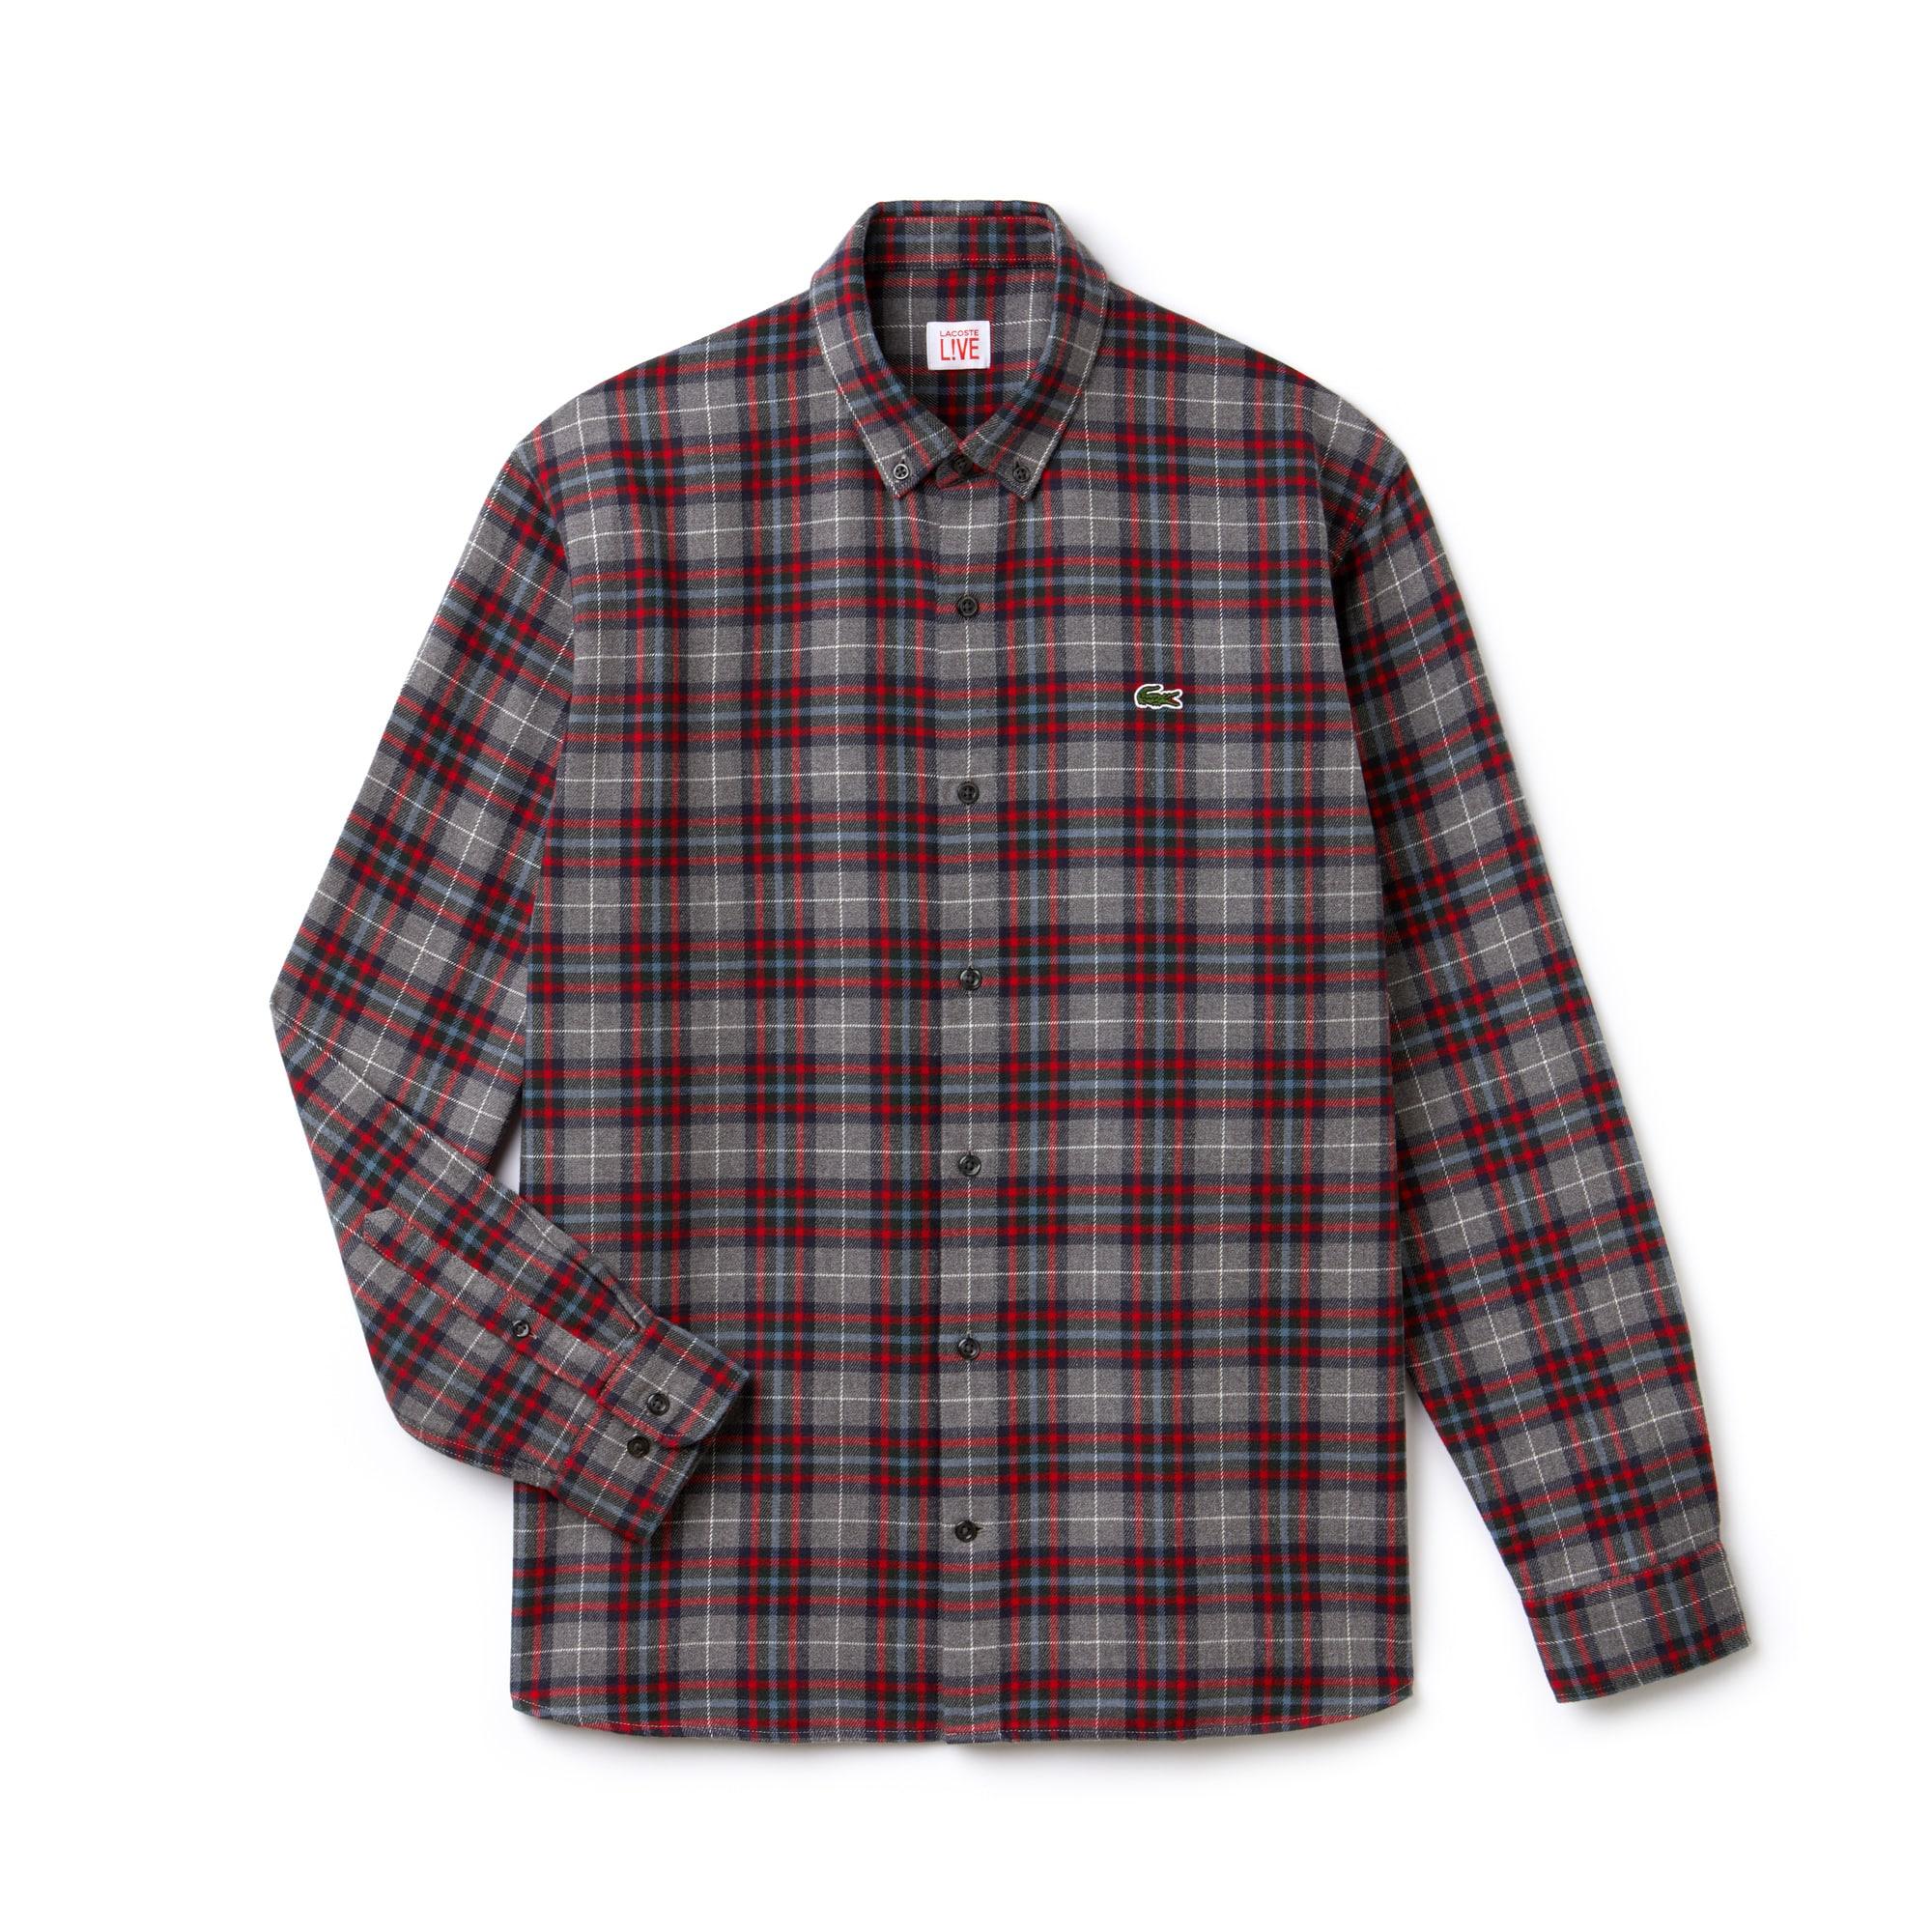 212a75916c2a8 Men s Lacoste LIVE Boxy Fit Check Cotton Flannel Shirt